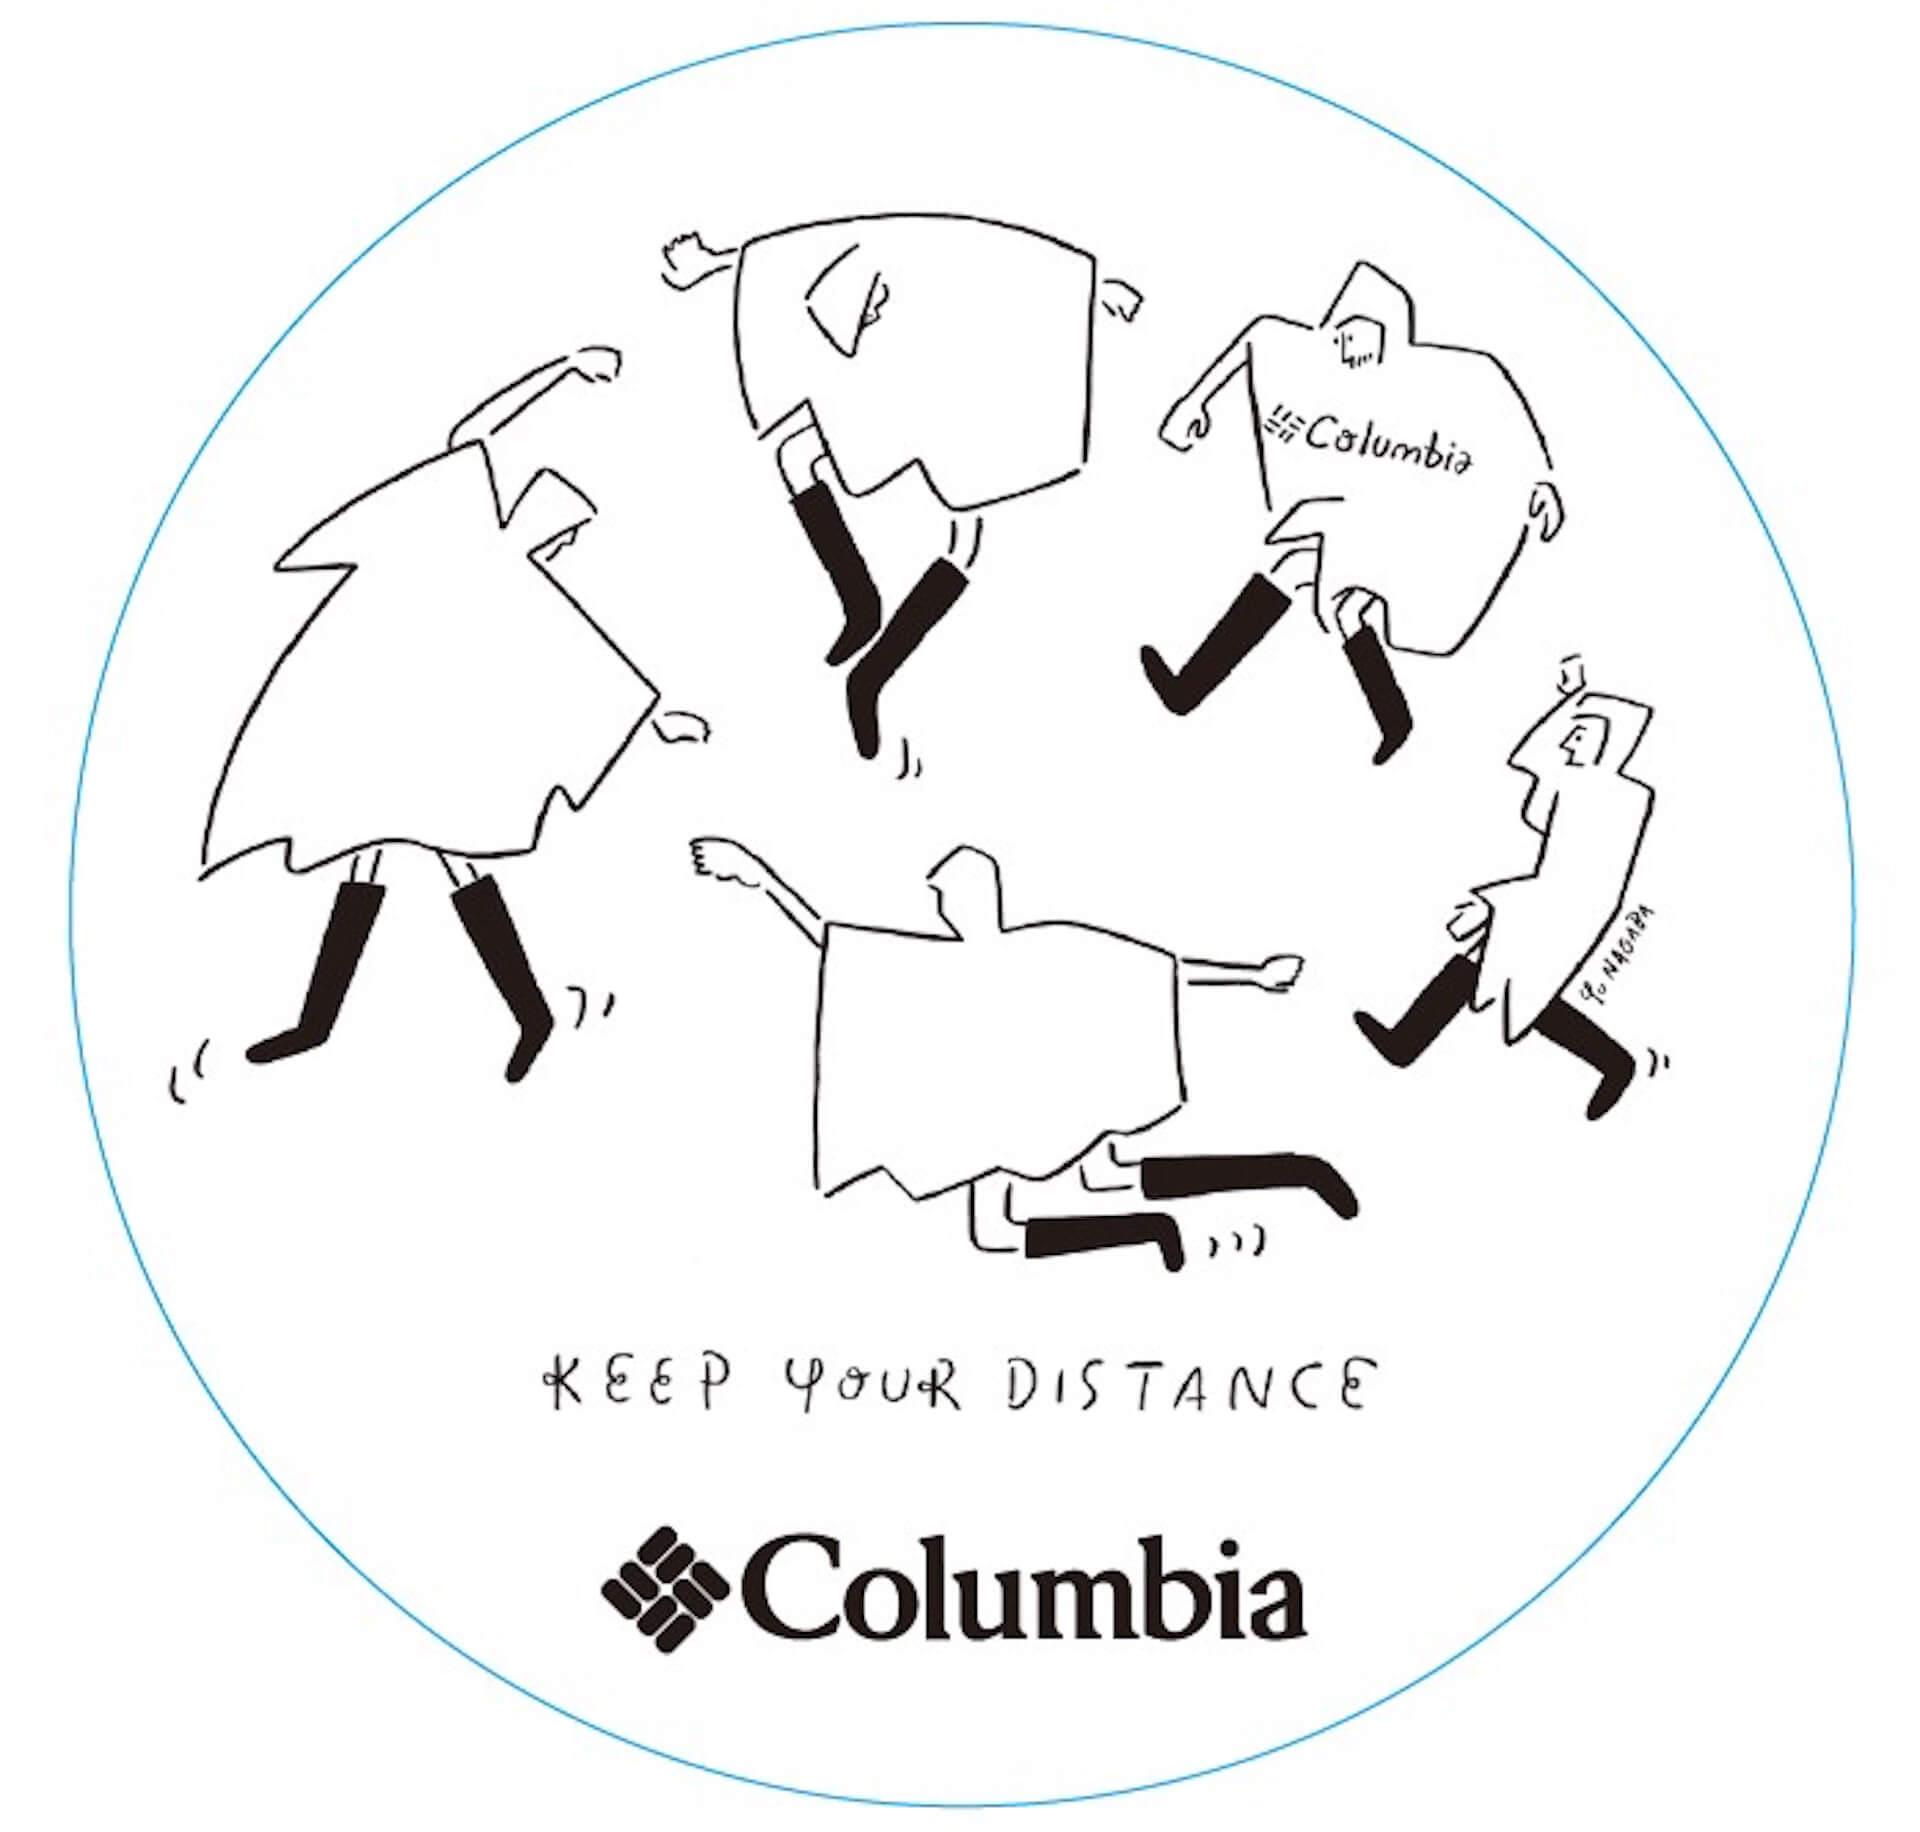 Columbiaと<FUJI ROCK FESTIVAL'20>がコラボ!長場雄のイラストが描かれた機能的なTシャツが登場 lf200630_columbia_fujirock_02